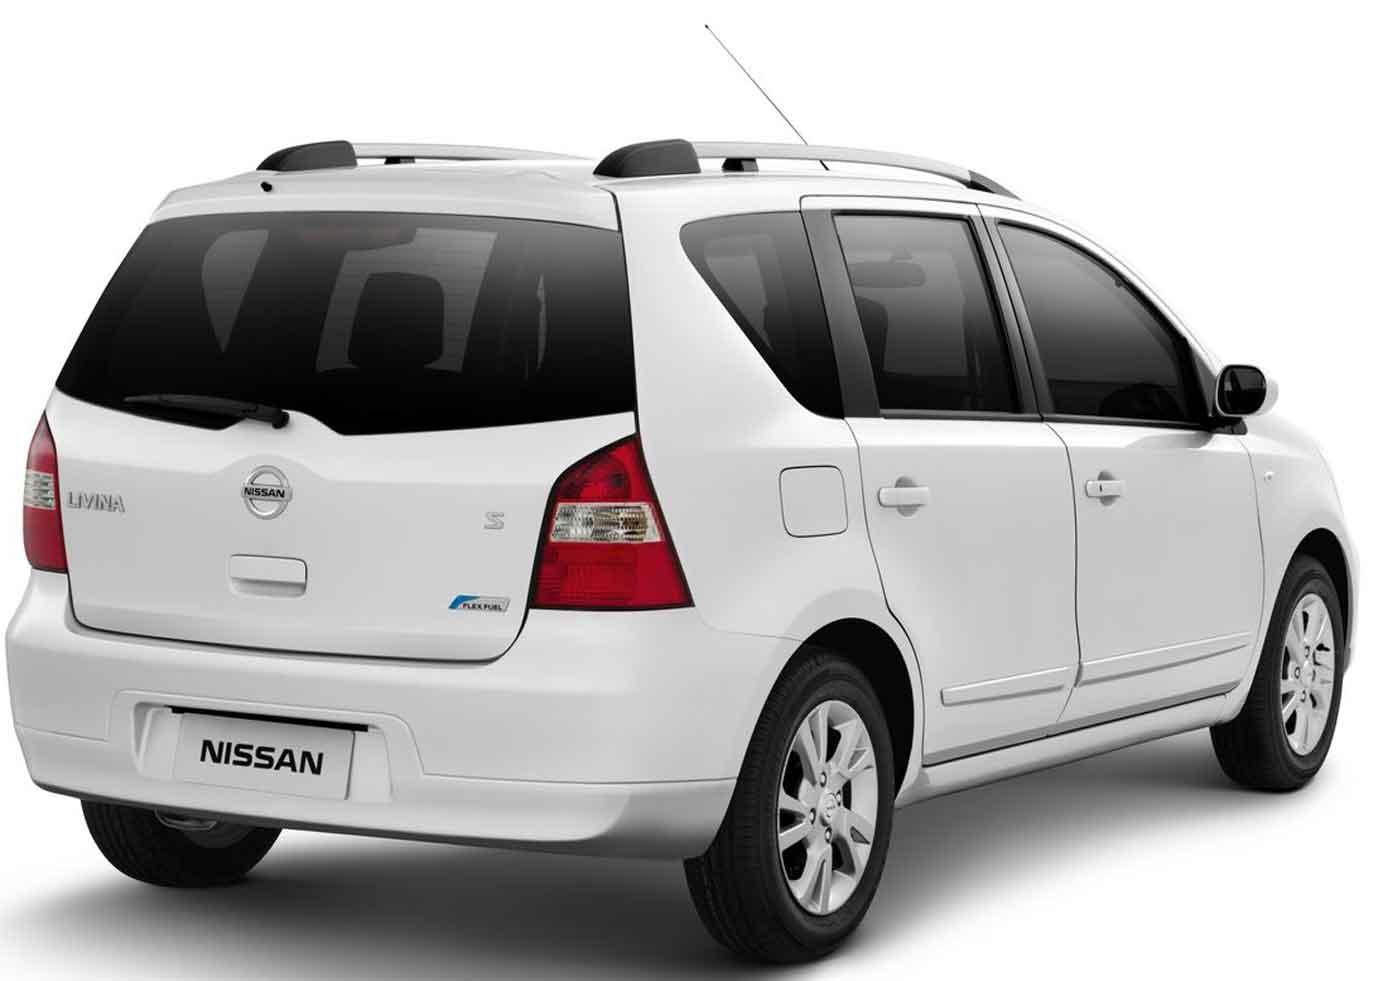 novo Nissan Livina 2014